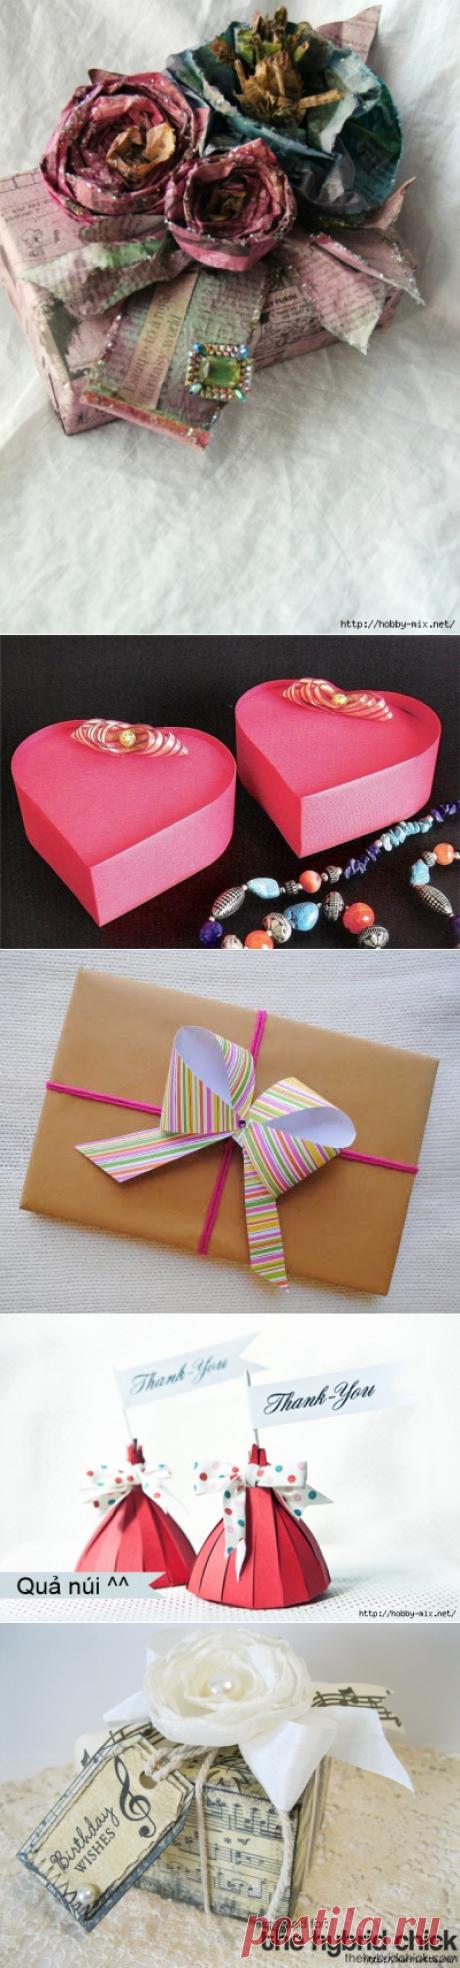 - сувениры, упаковка подарков | Записи в рубрике - сувениры, упаковка подарков | Со всего света, только самое лучшее!